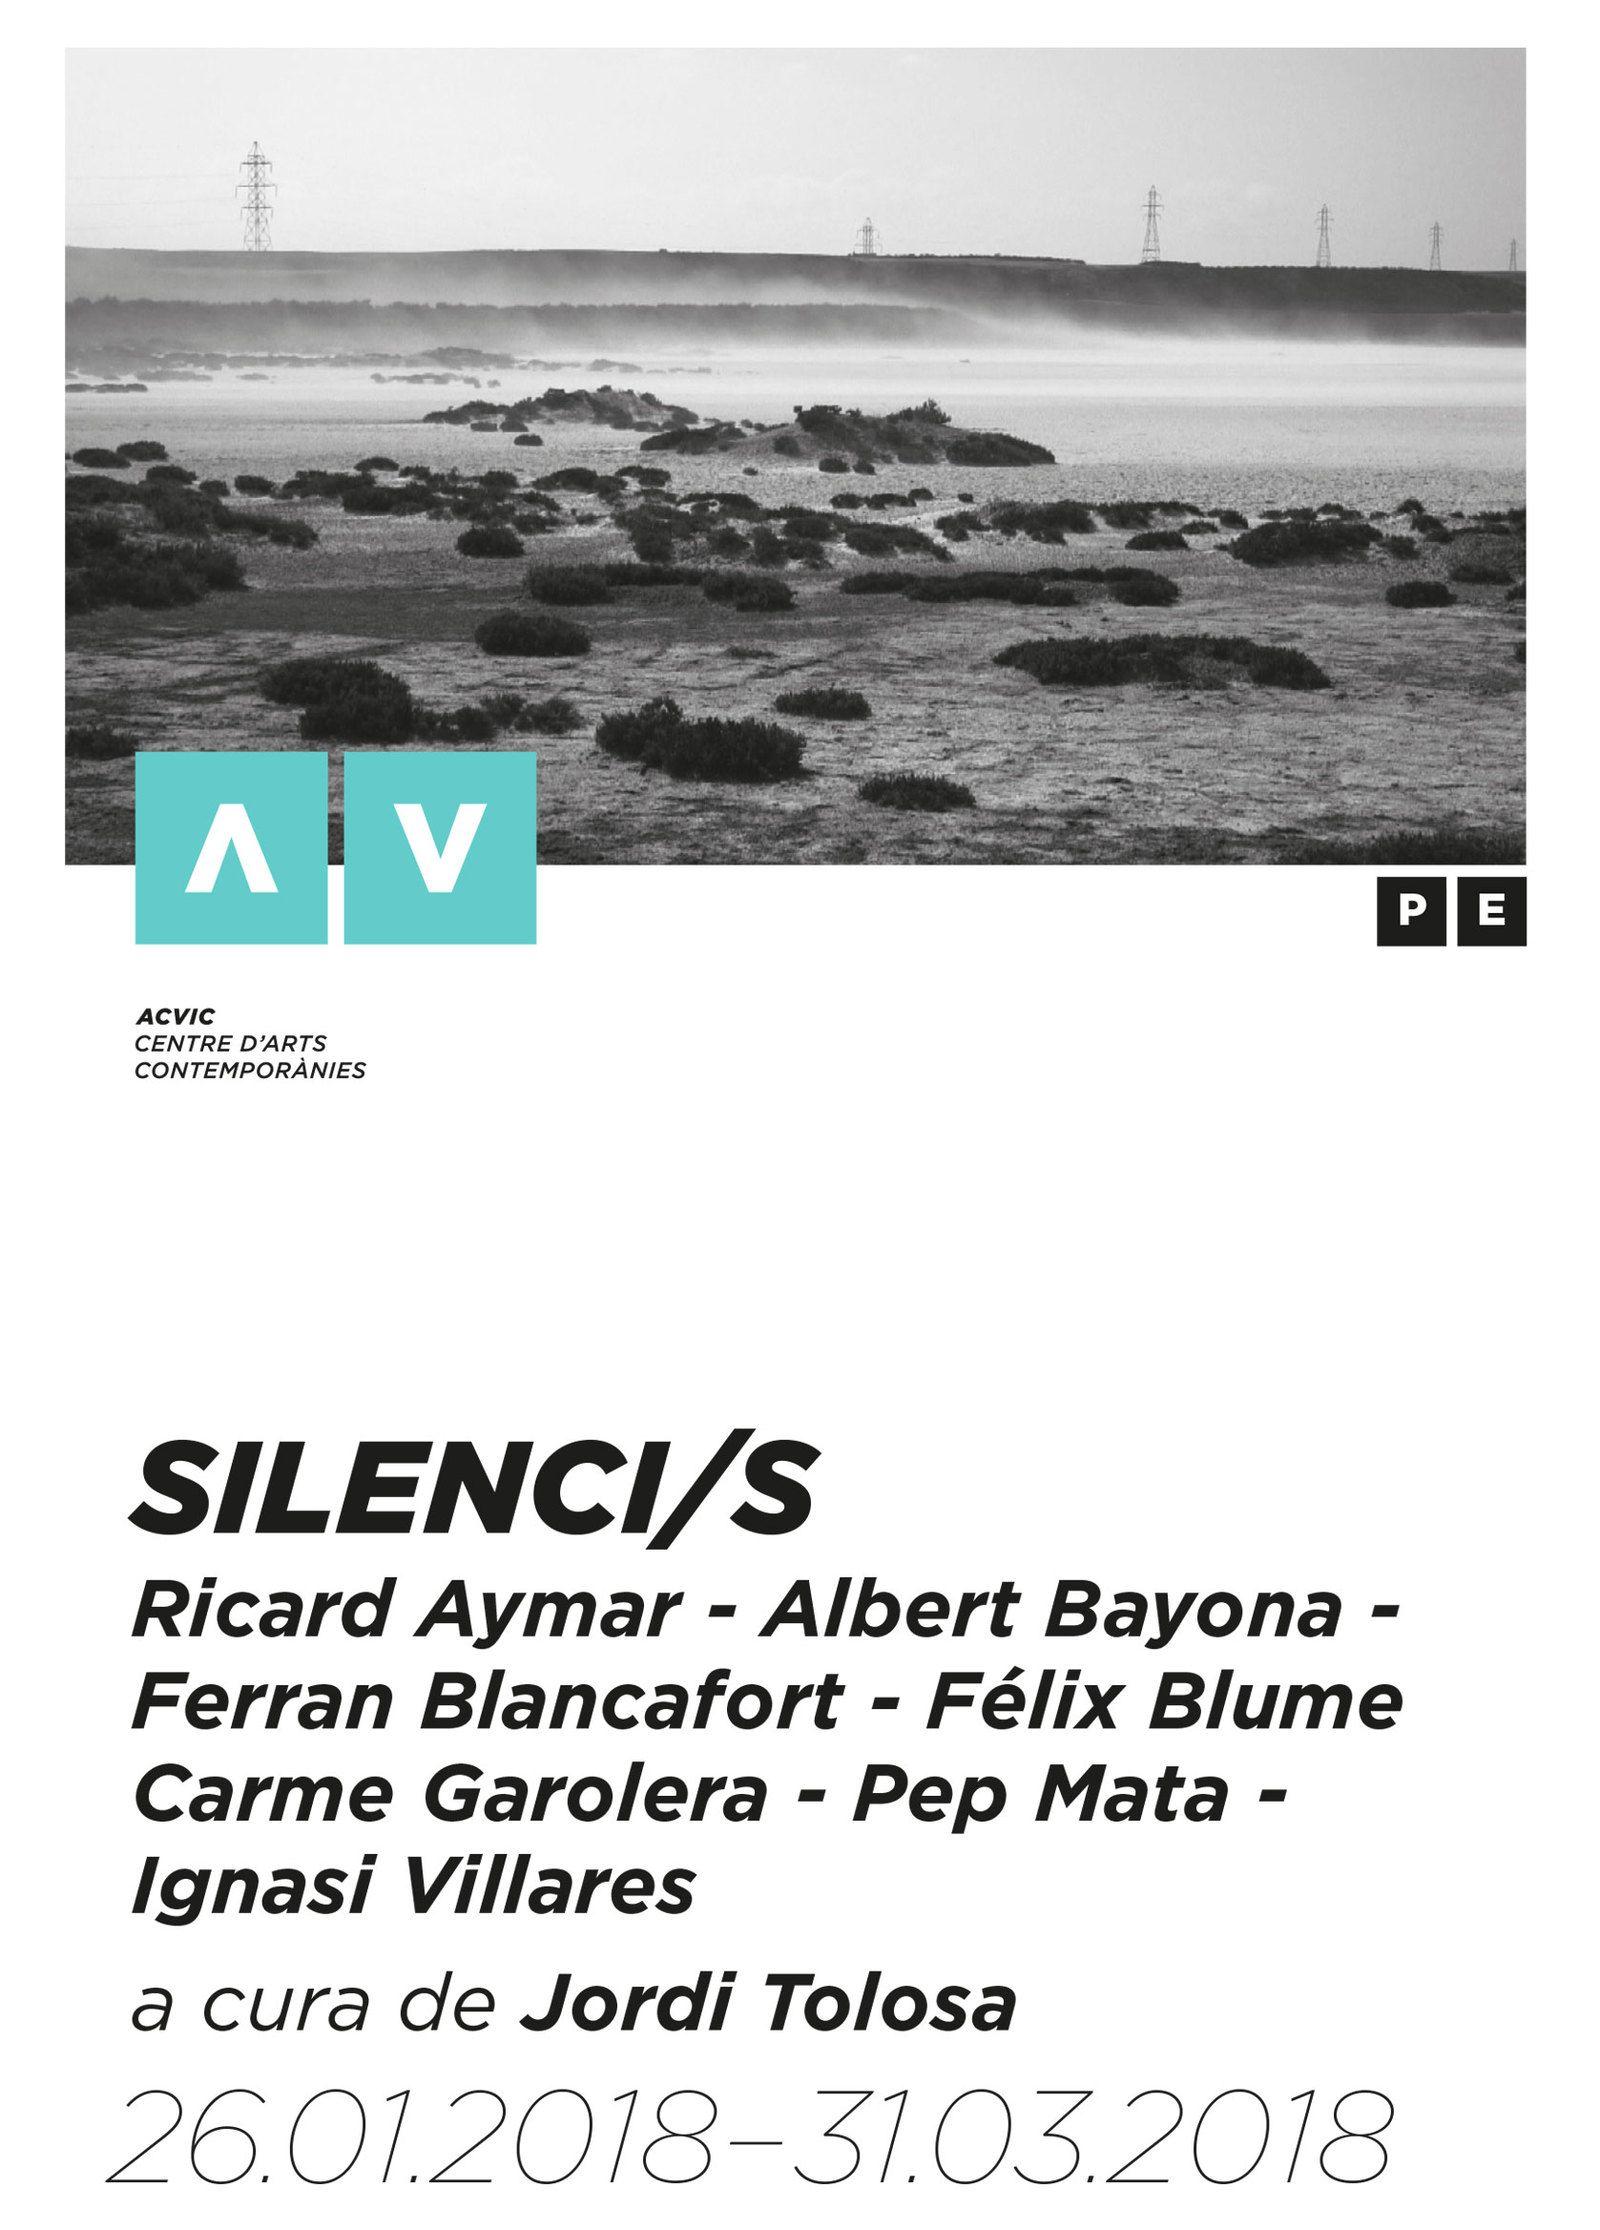 26 01 2018 silencis